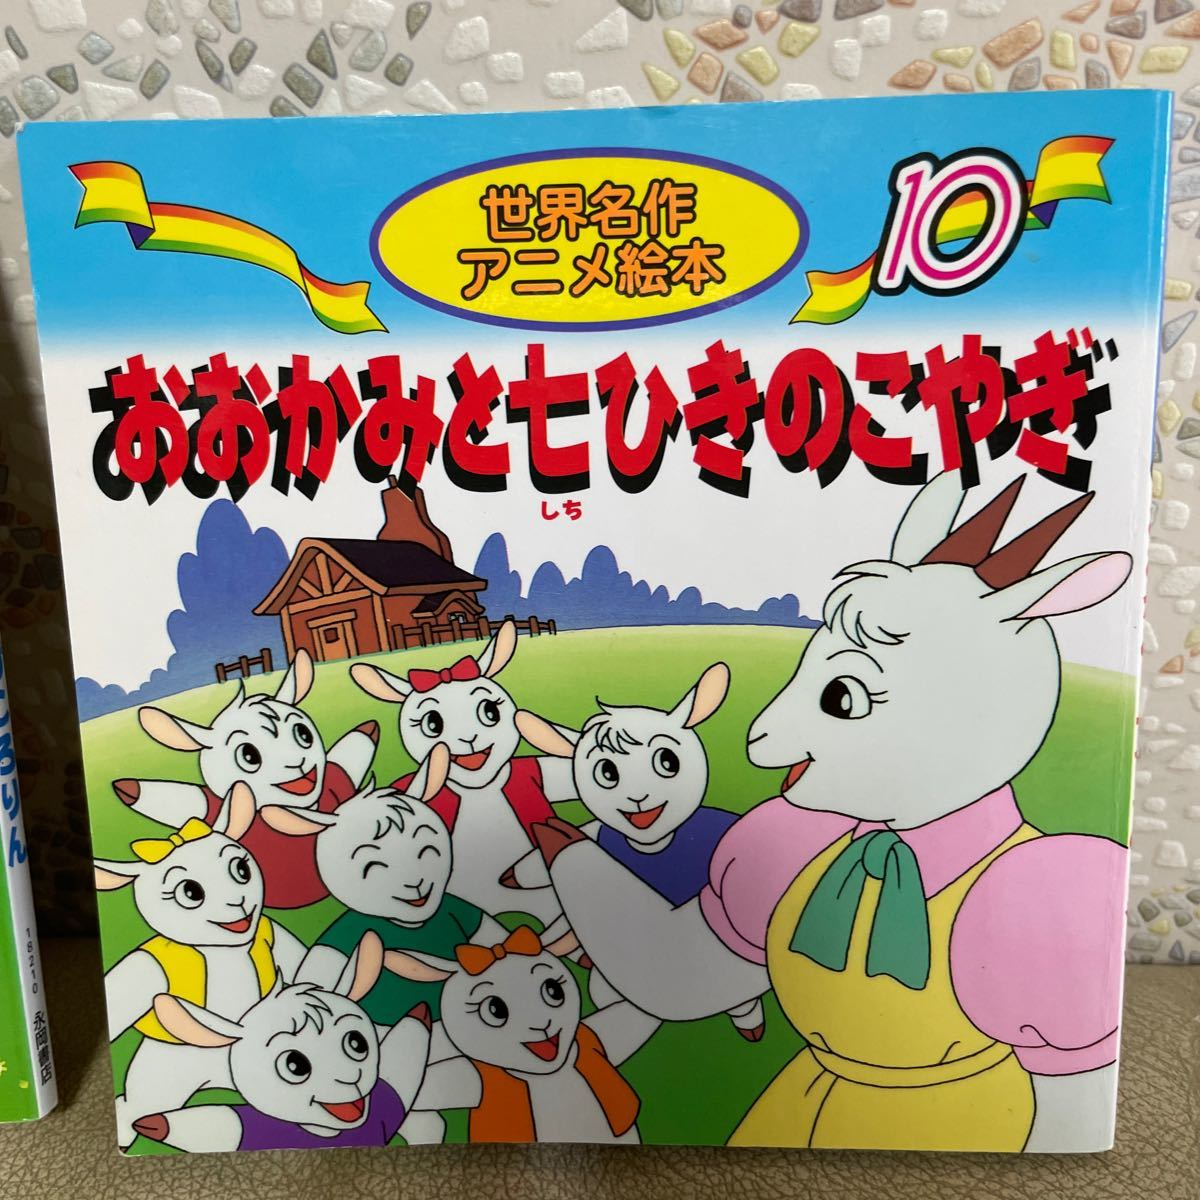 日本昔ばなし 乳幼児えほん